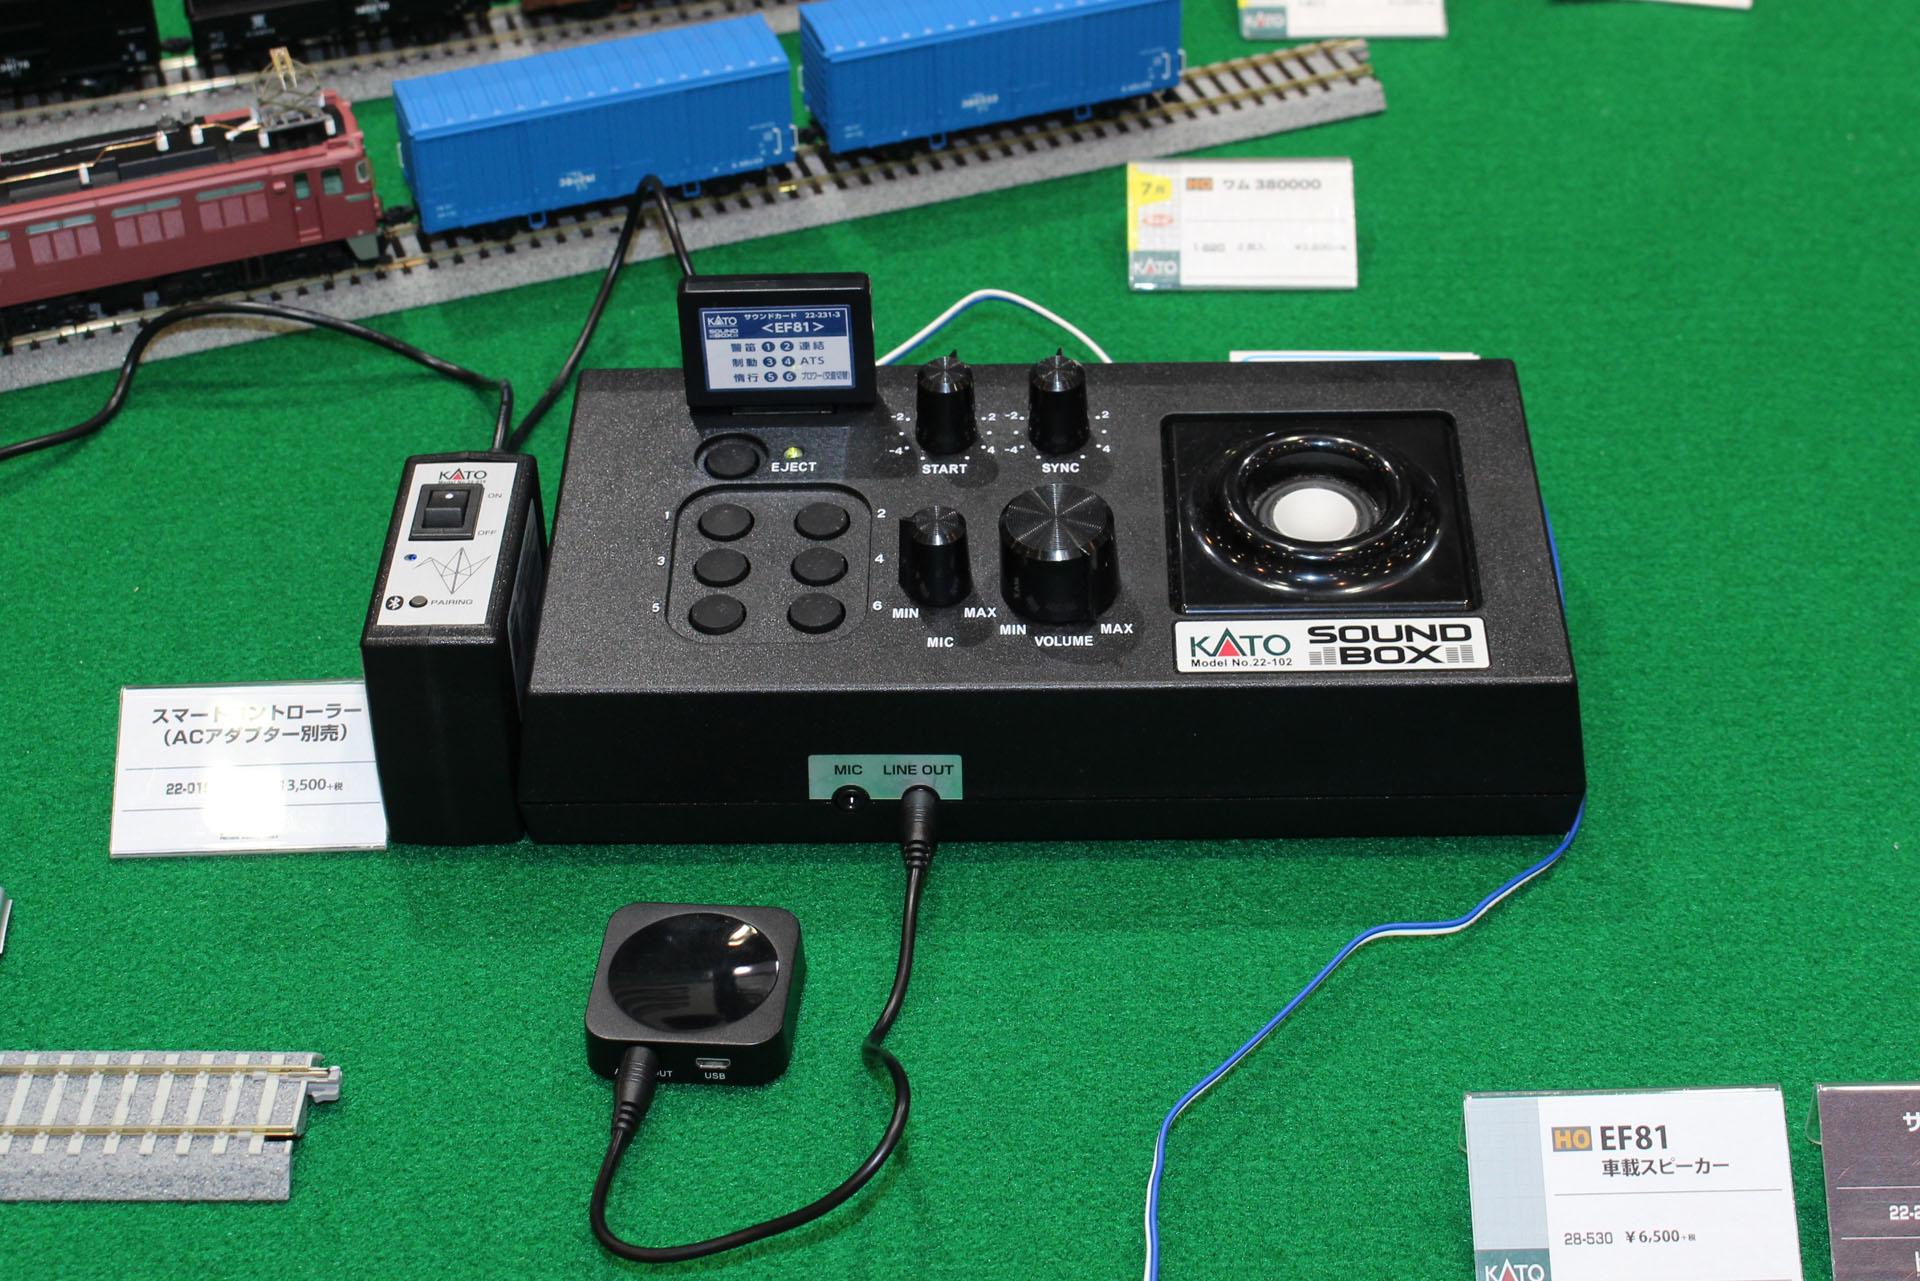 「22-102 サウンドボックス」(中央)。発売中、価格は27,500円(税込)。走行を制御する「パワーパック」や「スマートコントローラー」と接続して使用する